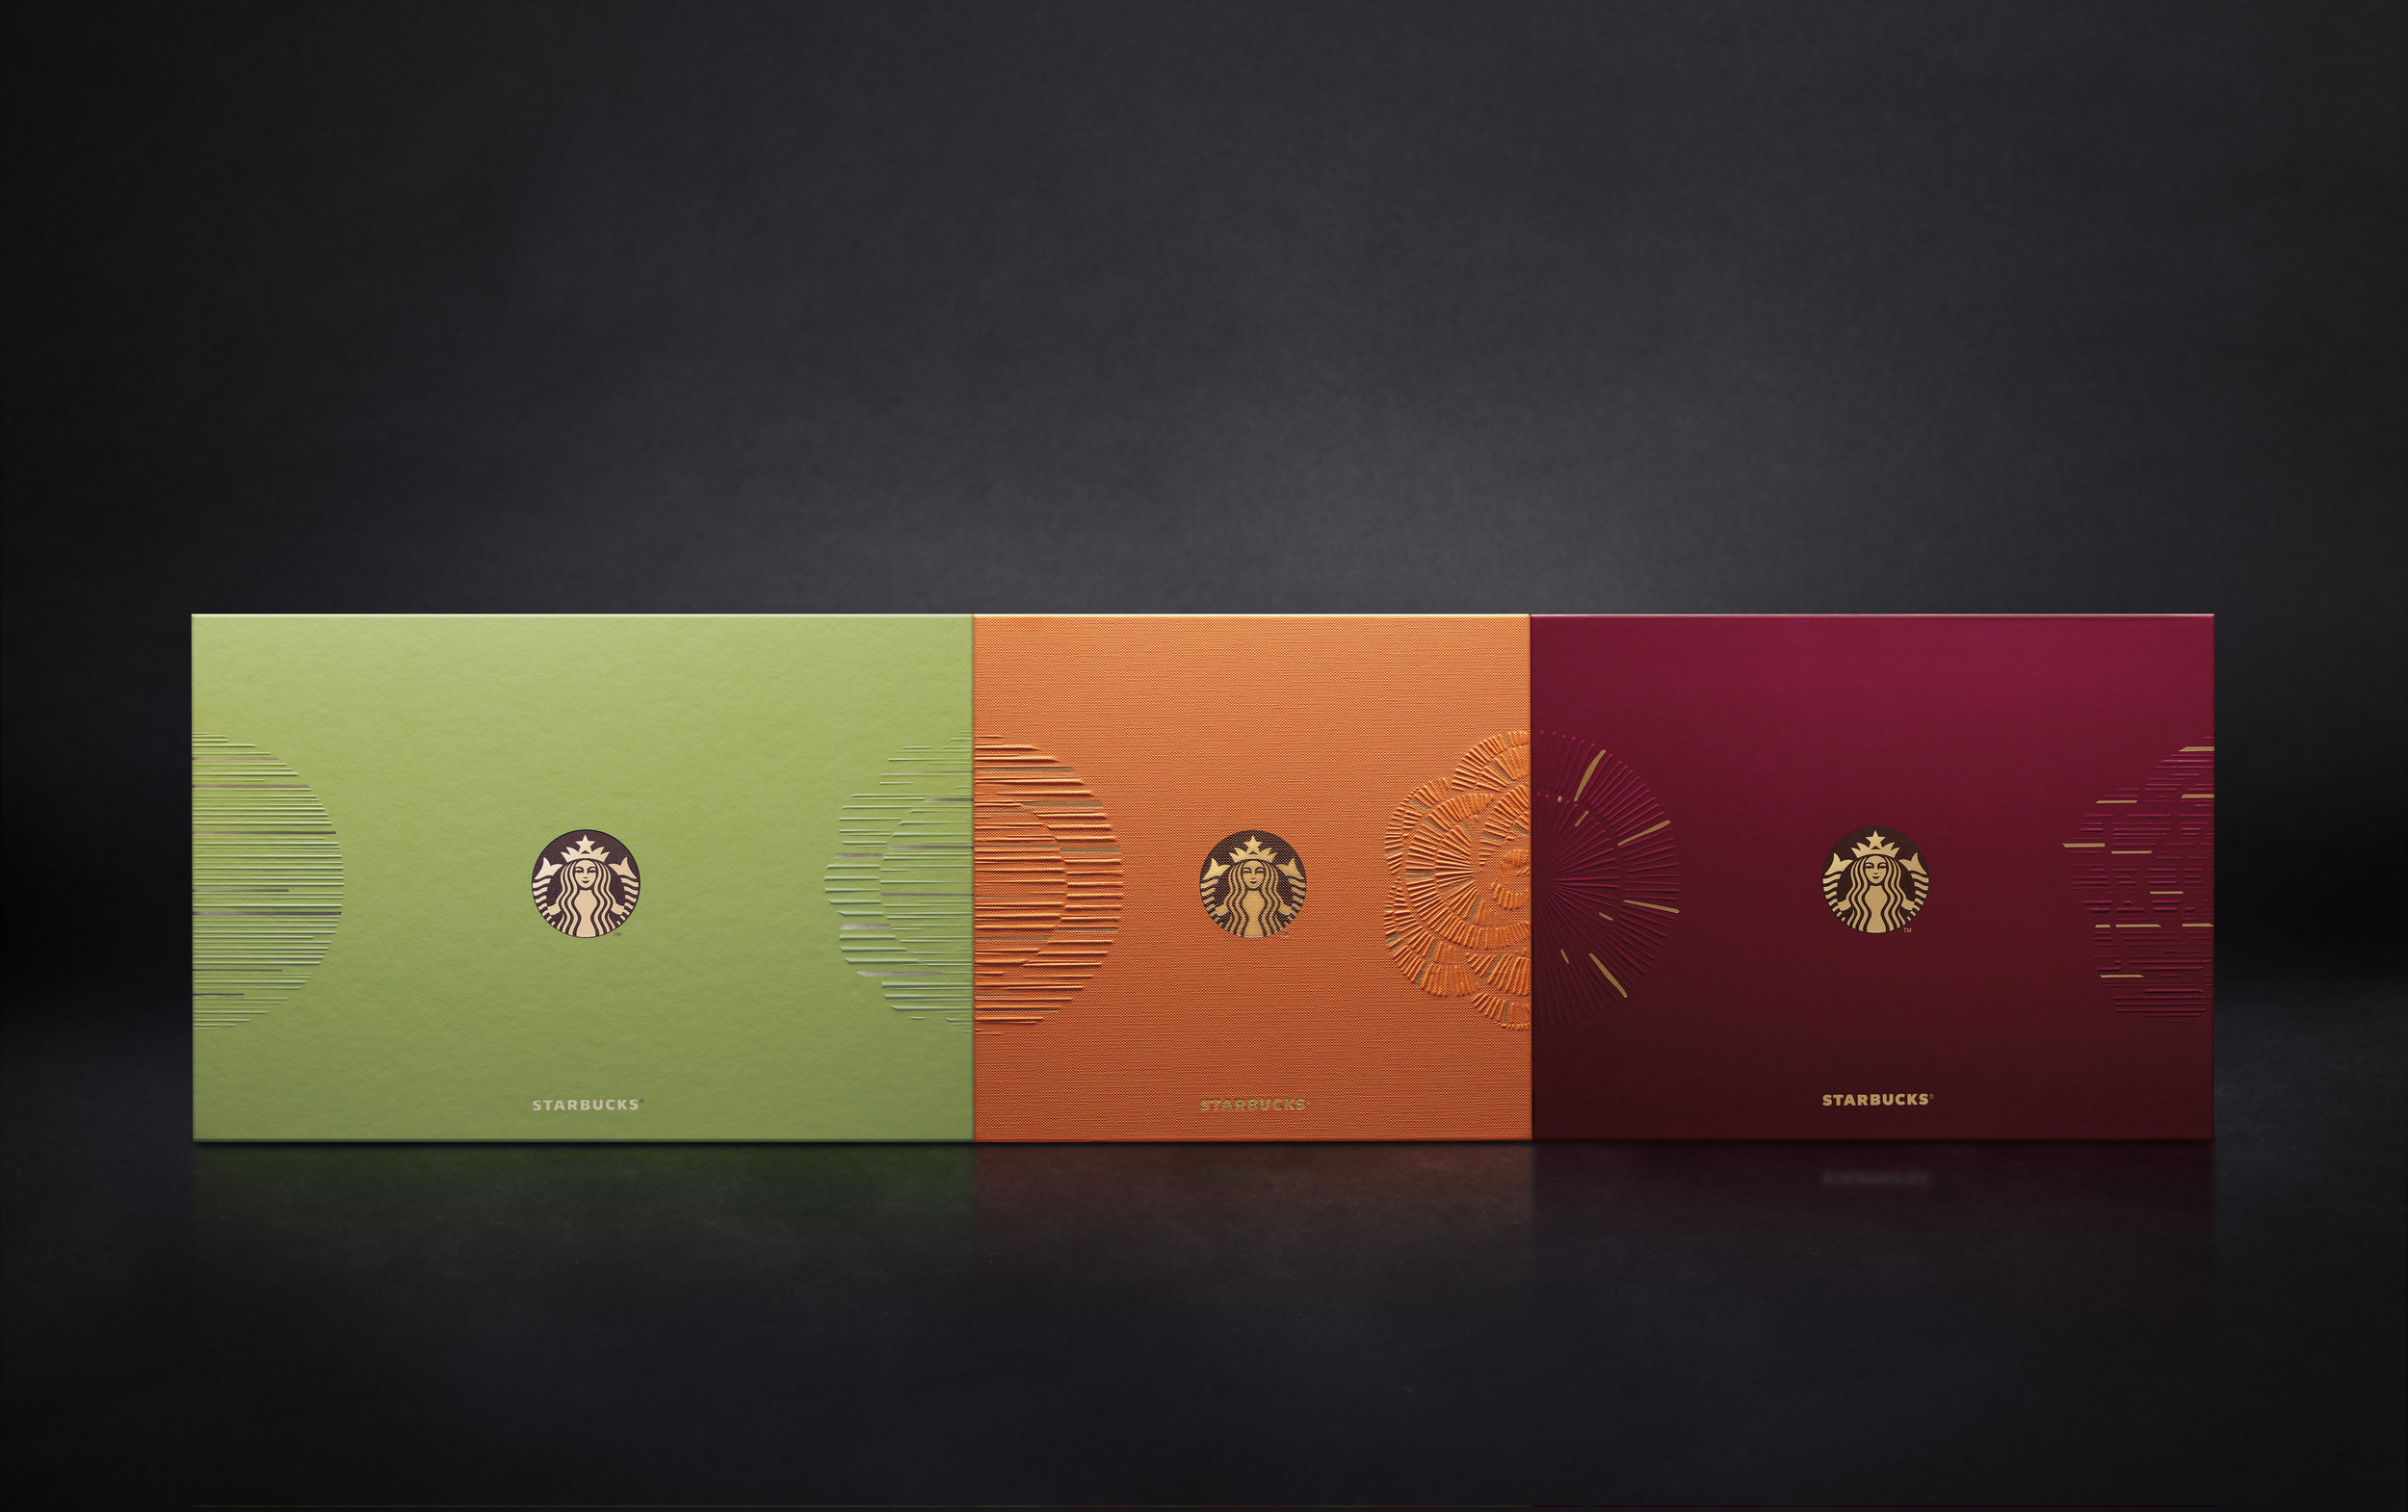 Starbucks Mooncakes for Chinese Market / World Brand & Packaging Design Society